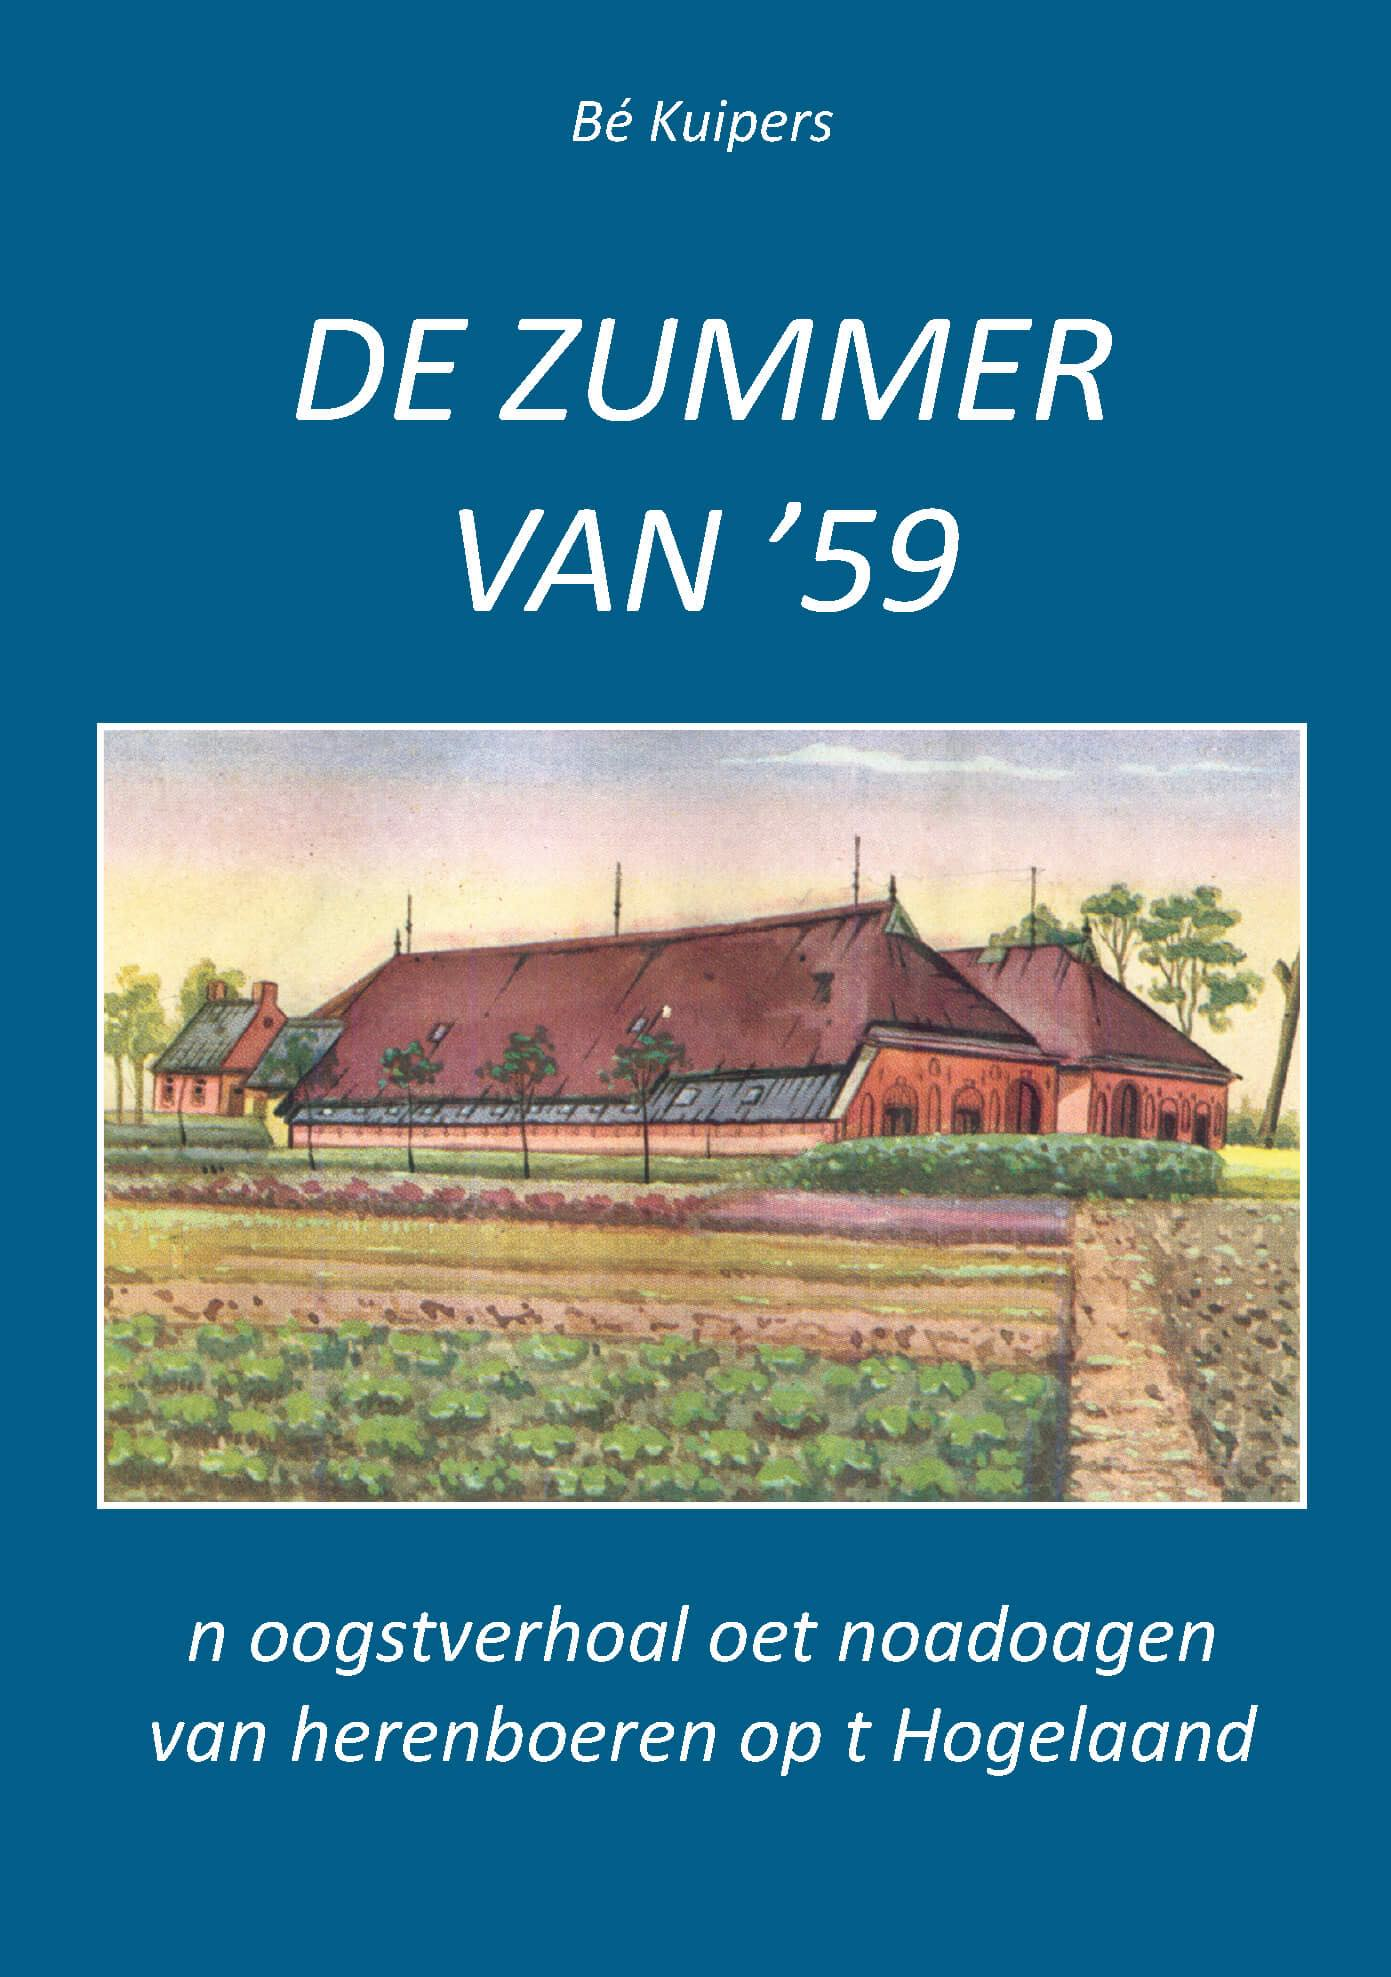 zummer-van-59